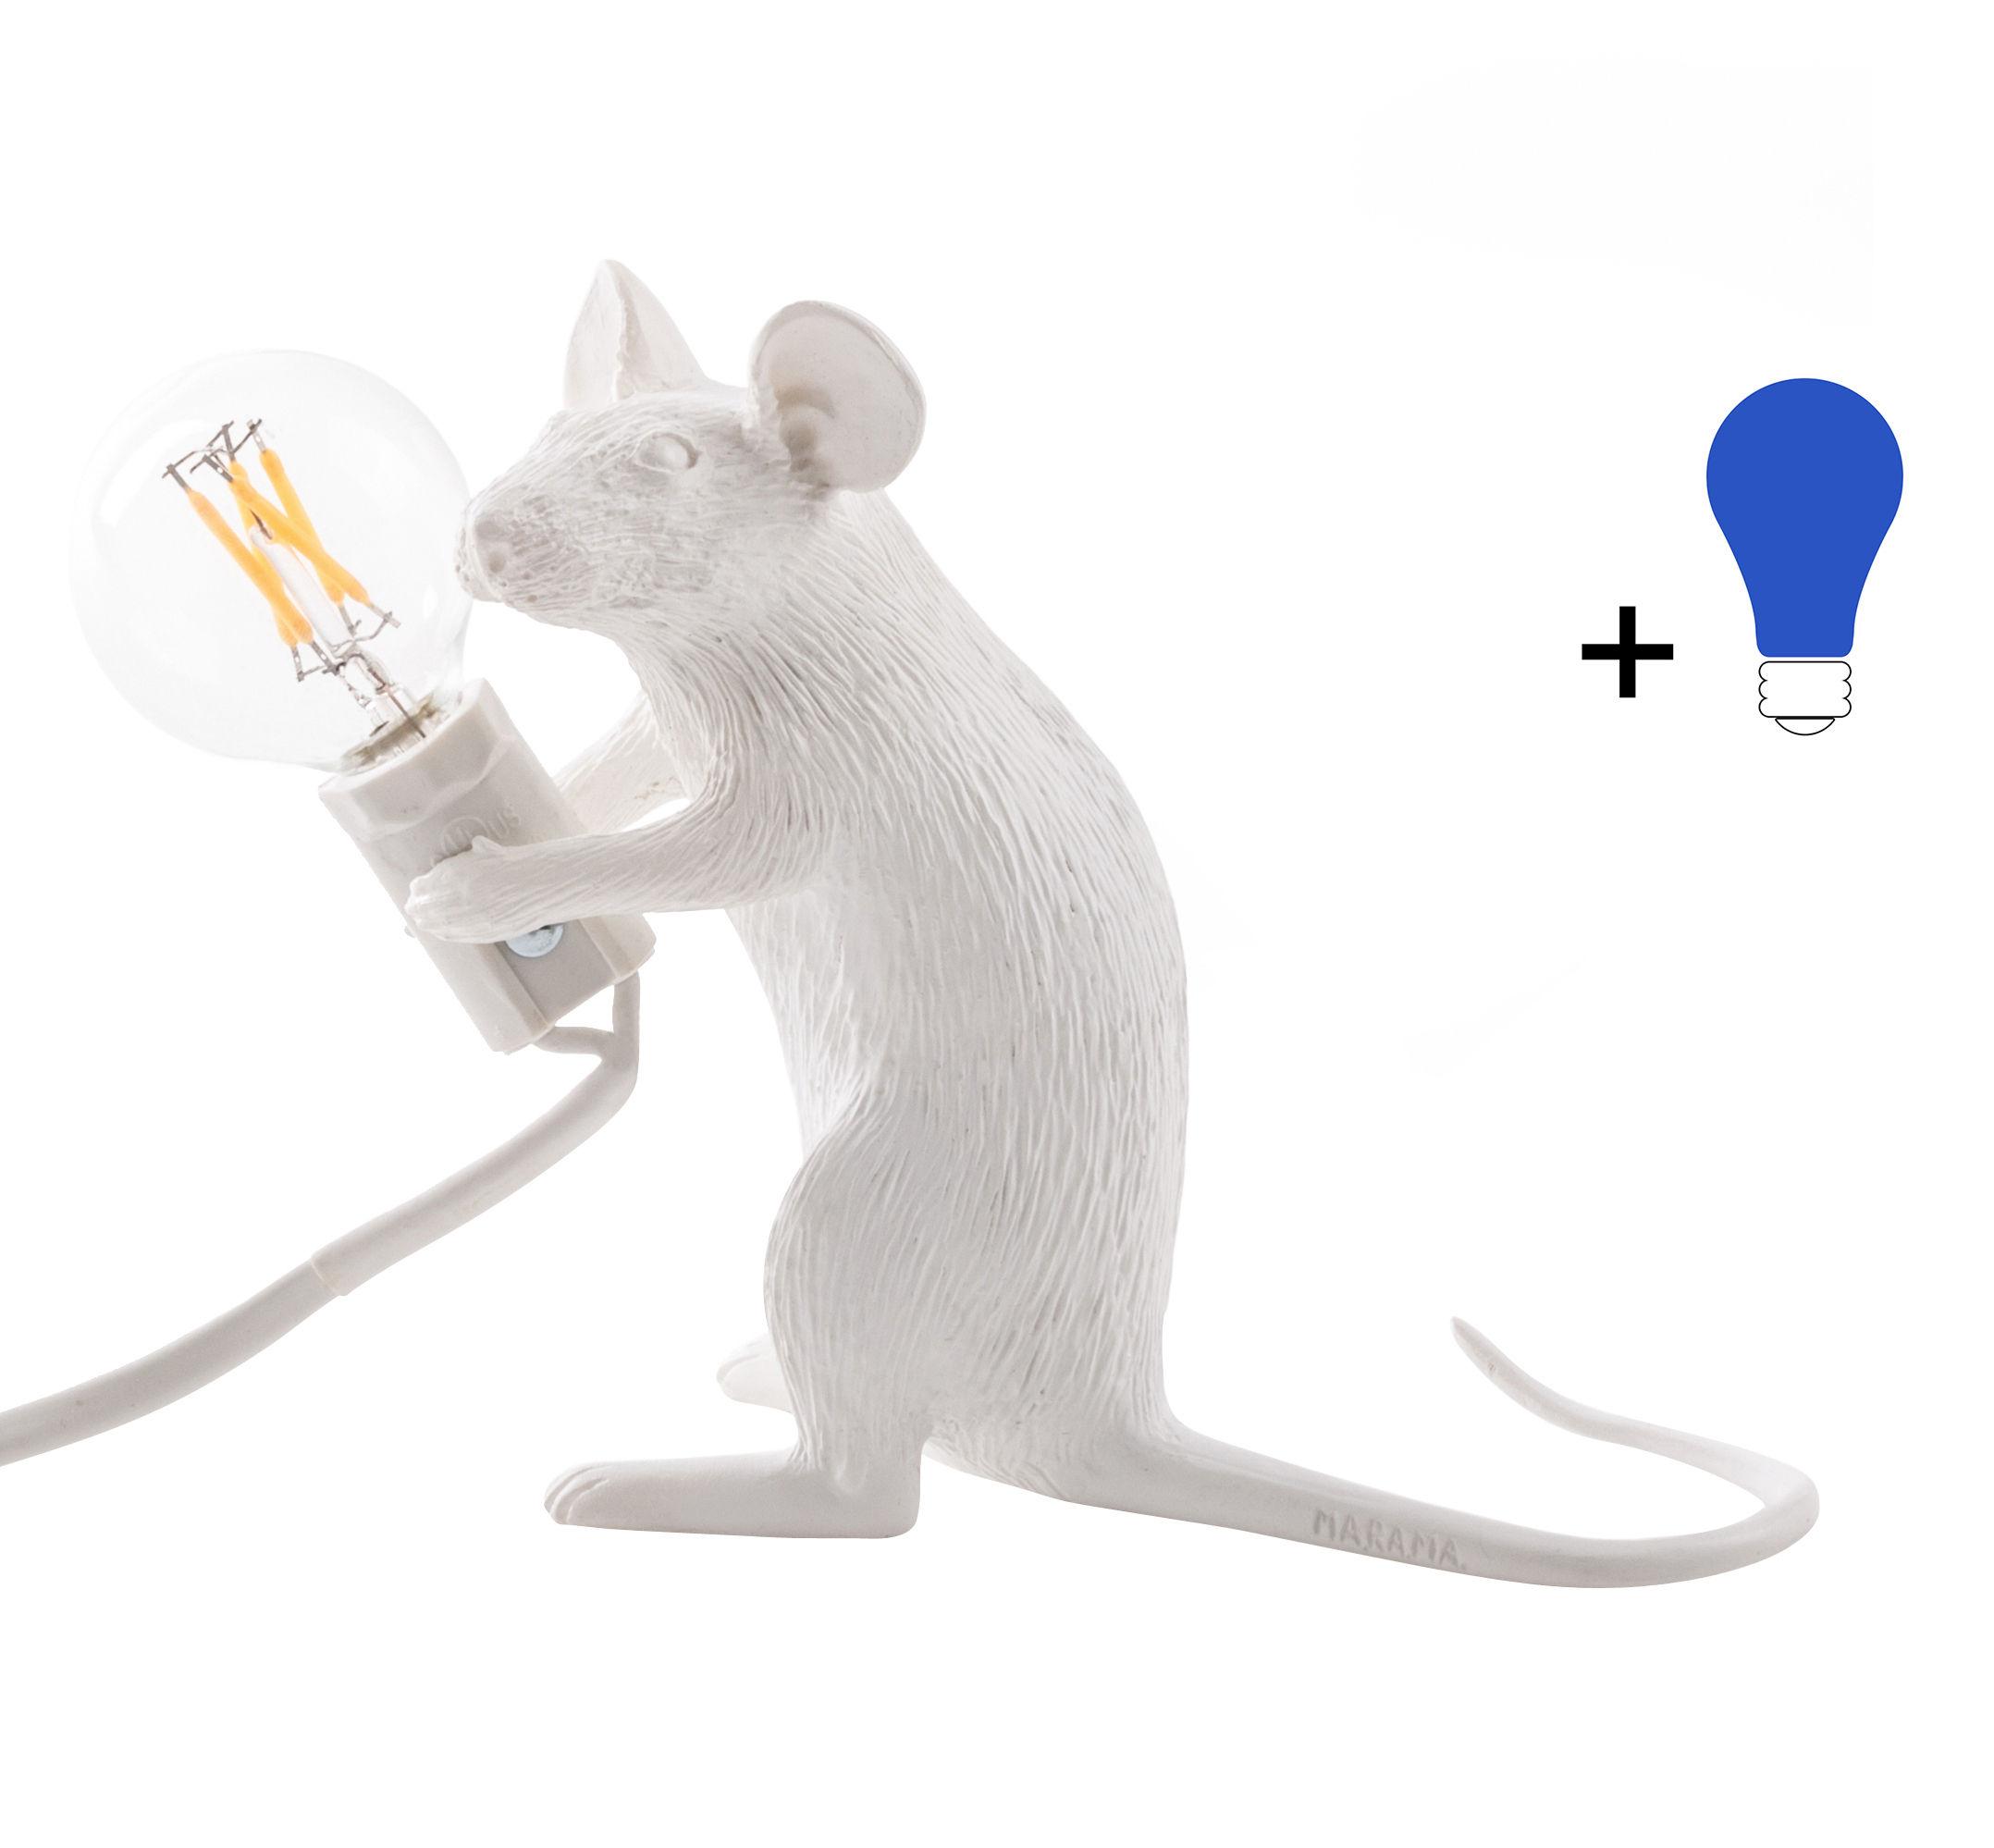 Dekoration - Für Kinder - Mouse Sitting #2 Tischleuchte / Maus, sitzend - Exklusiv-Angebot - Seletti - Maus, stehend / weiß / farbiges Leuchtmittel - Harz